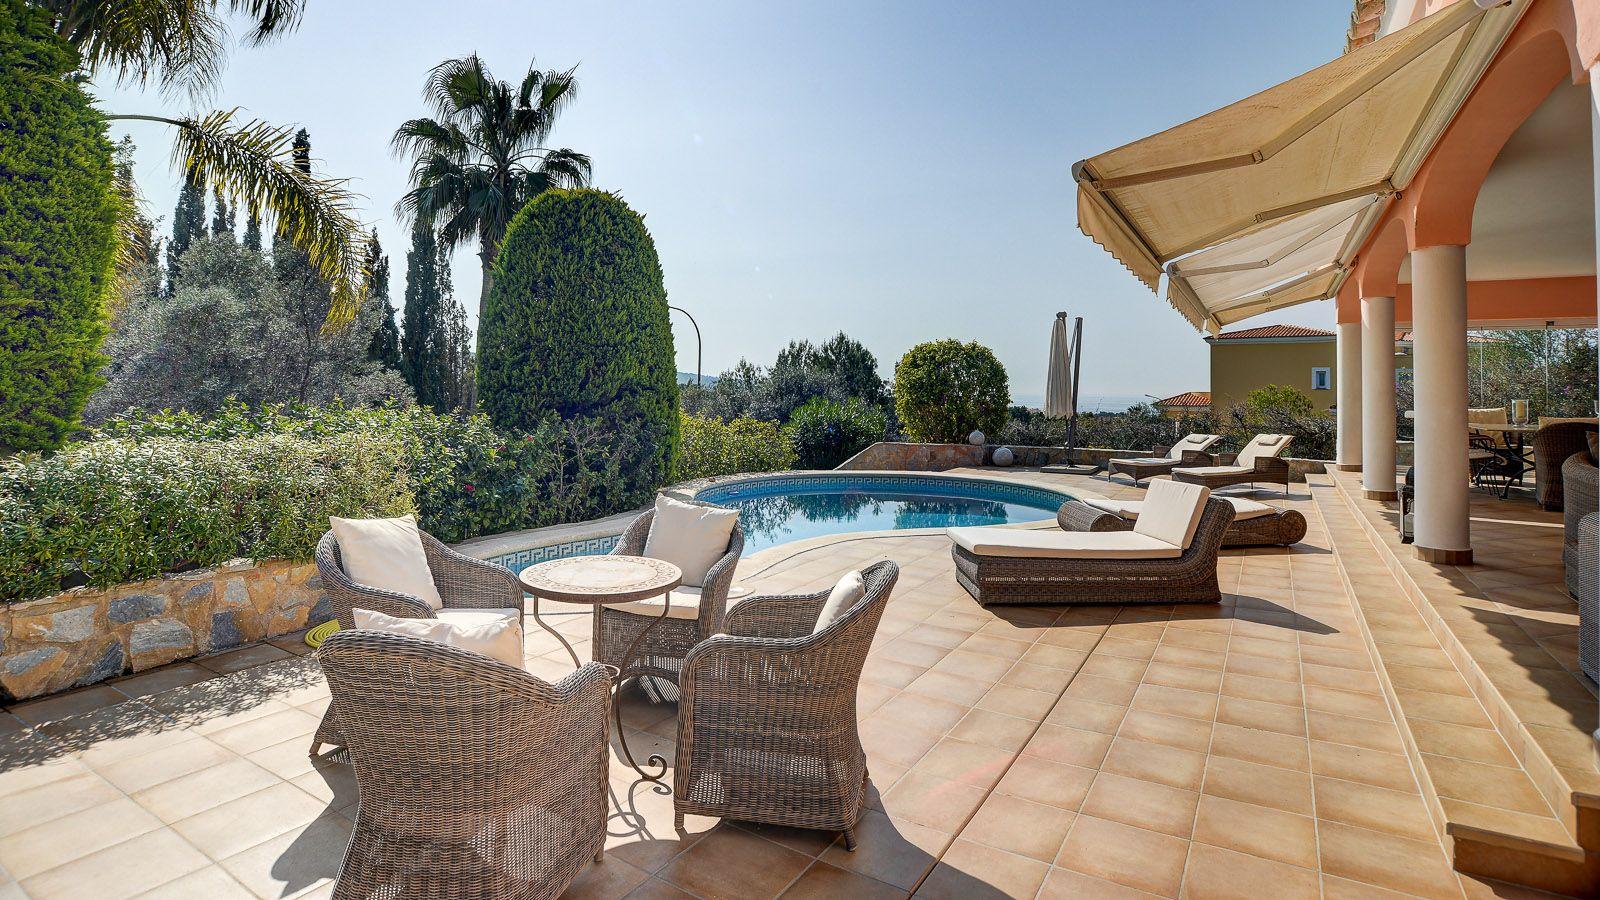 Villa Mallorca in bester ruhiger Lage mit sehr gutem Preis-/Leistungsverhältnis! http://www.casanova-immobilien-mallorca.com/de/suchergebnis/2451218